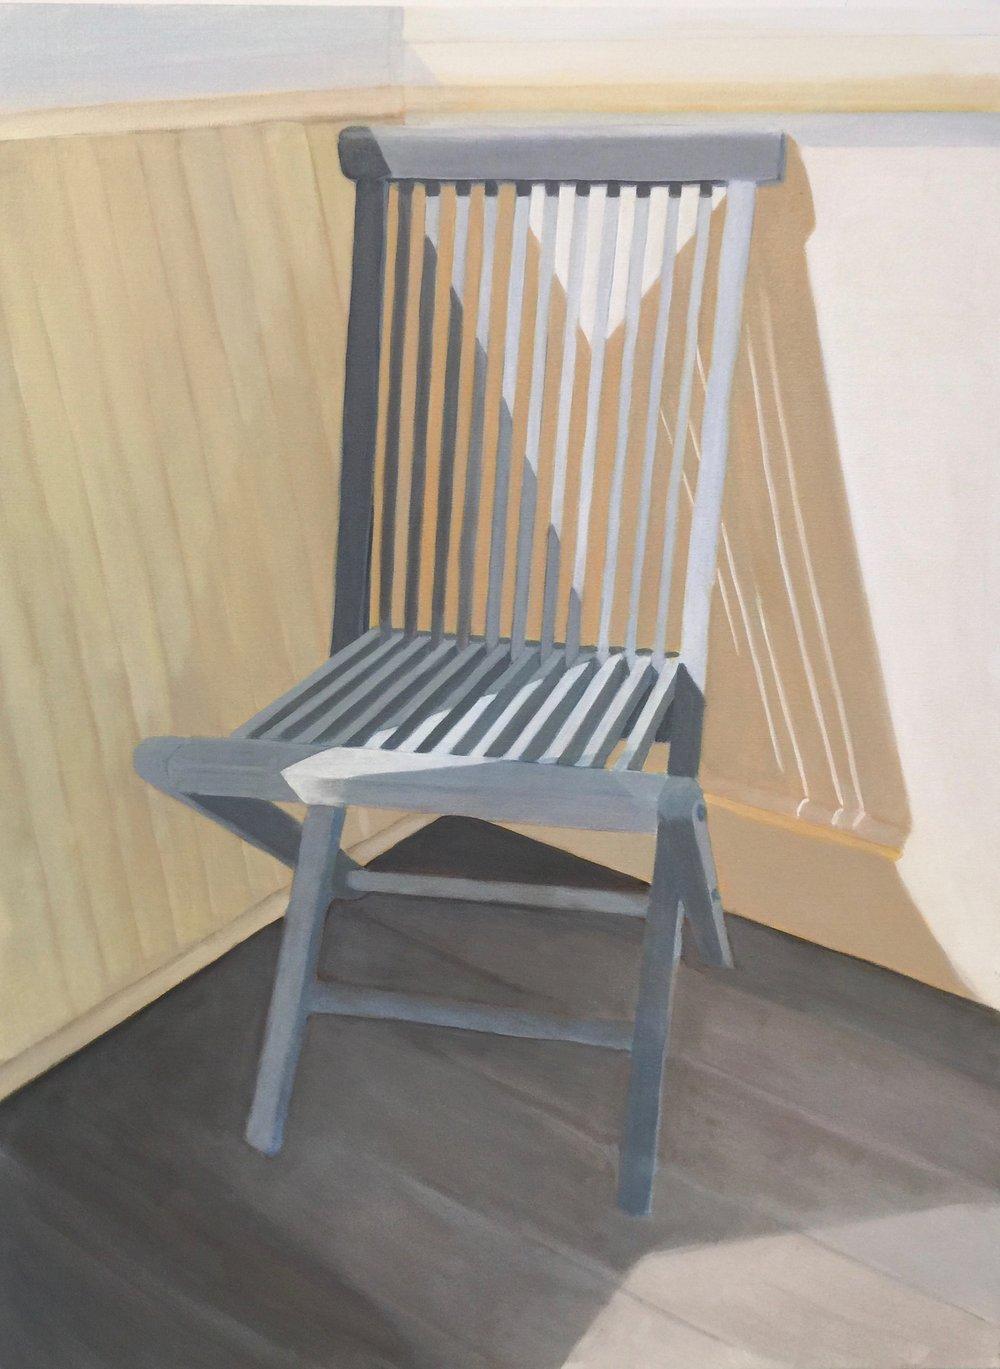 Seamist Chair, 30 x 40, acrylic